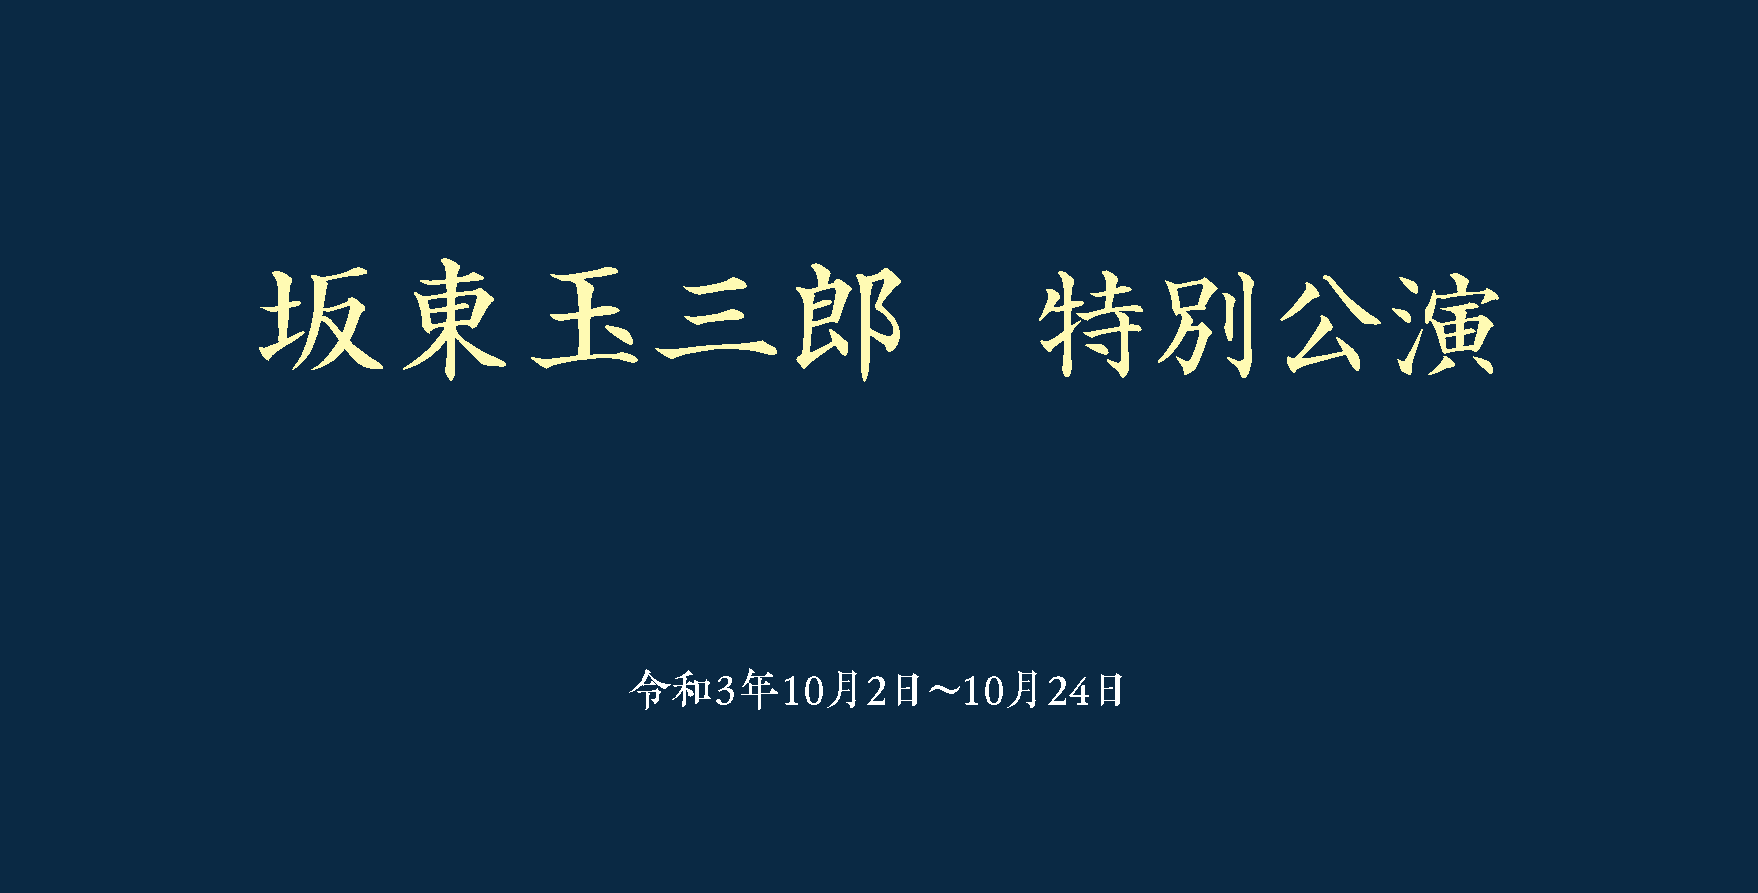 坂東玉三郎 特別公演